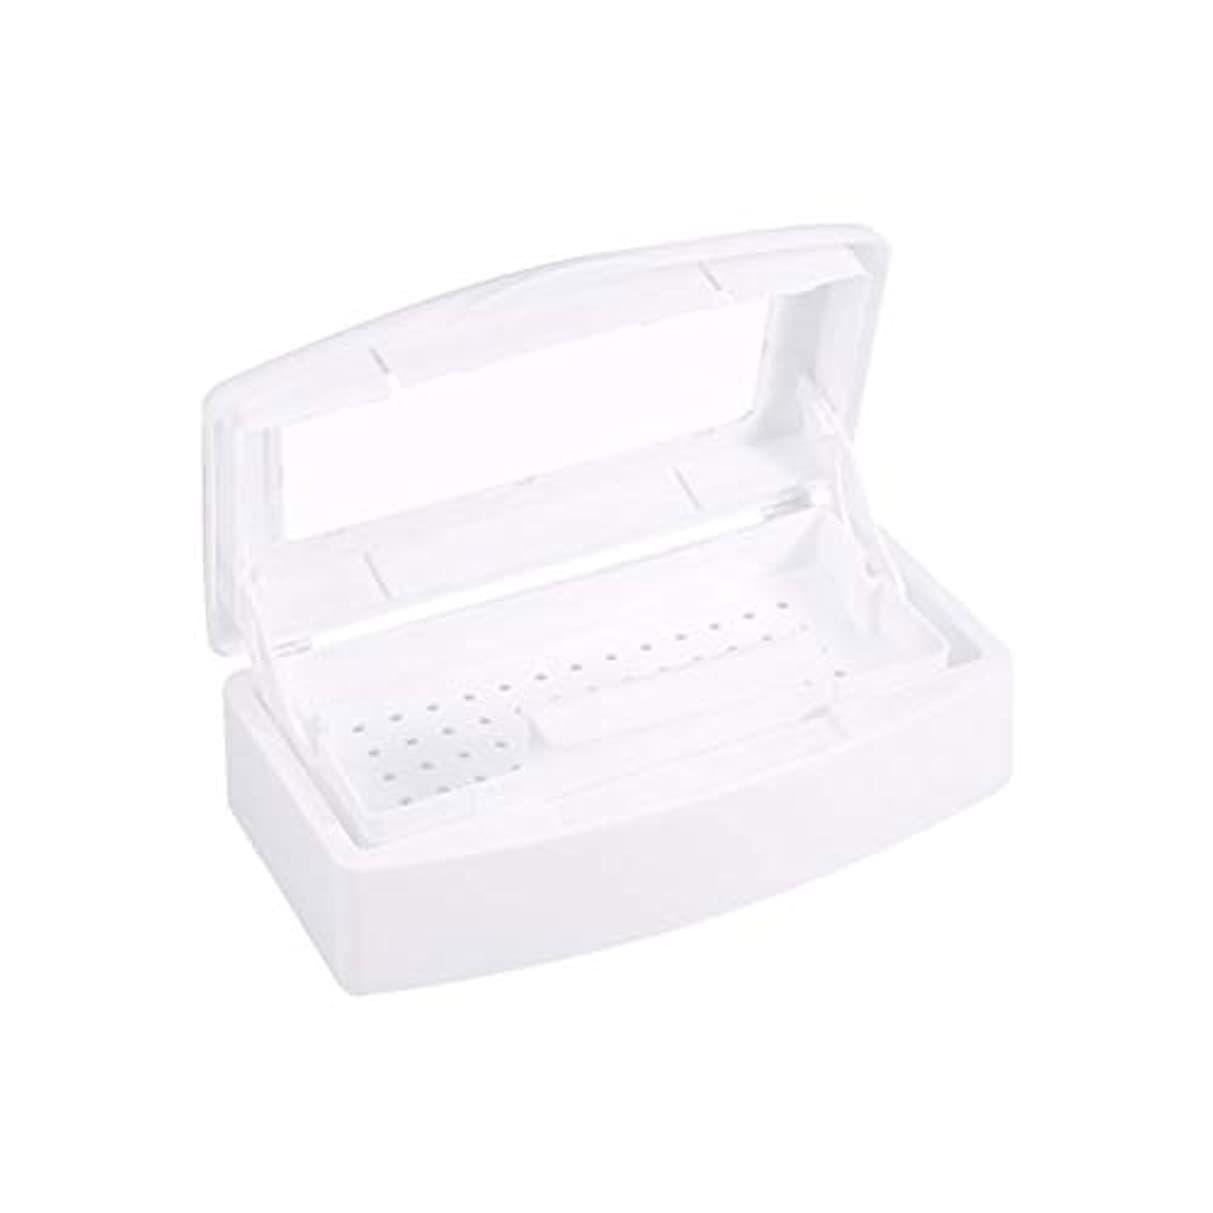 棚非常に怒っていますジョージエリオット殺菌消毒ペディキュアネイルネイルを殺菌ネイル清掃用具の収納ボックス